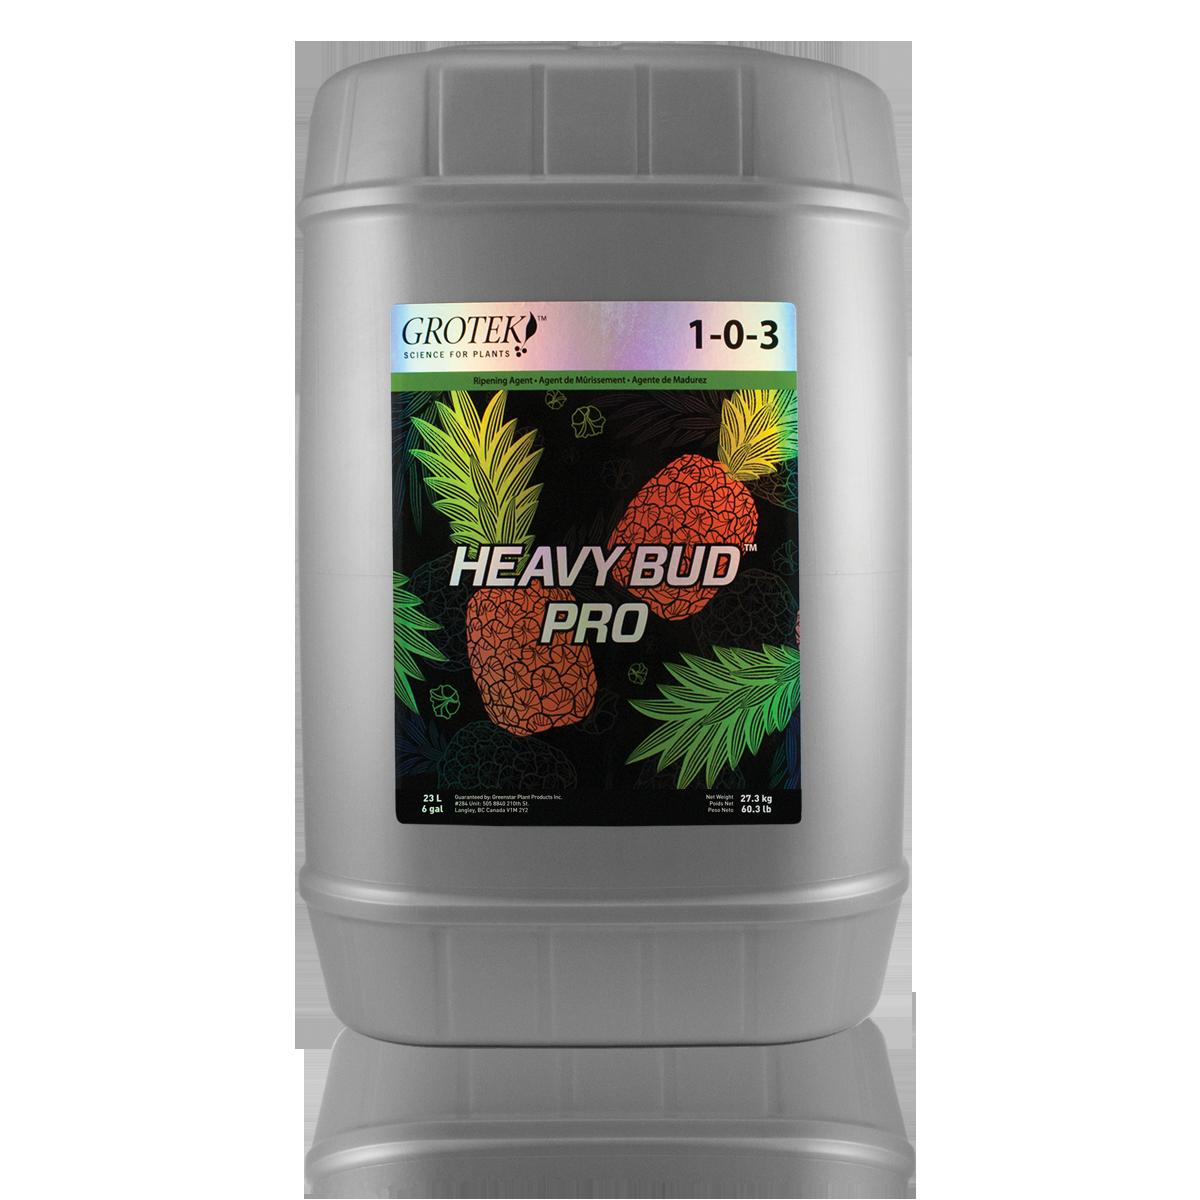 Grotek Grotek - Heavy Bud Pro